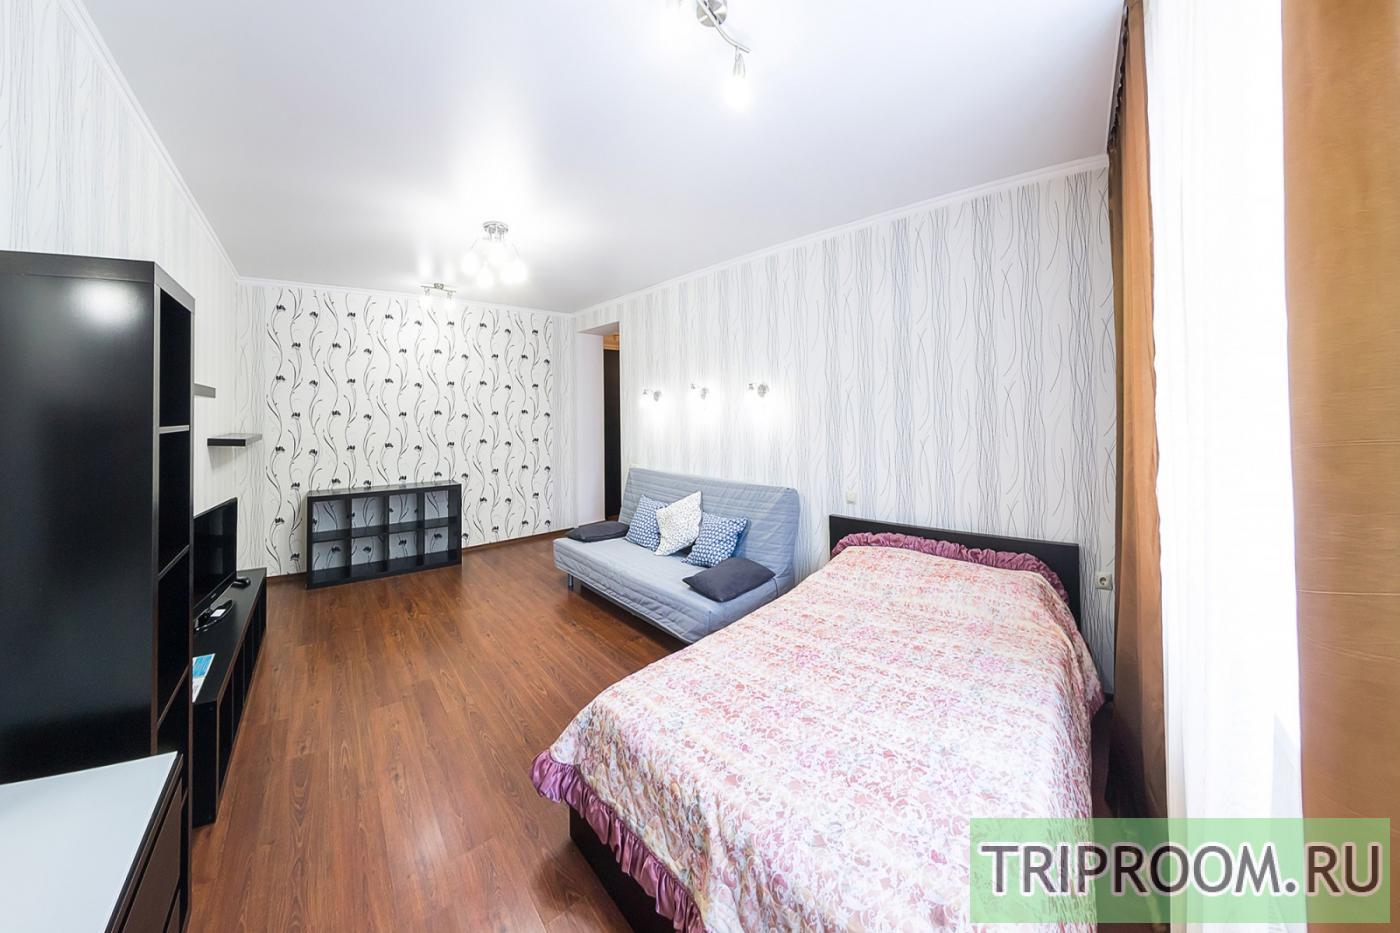 1-комнатная квартира посуточно (вариант № 33969), ул. Серафимовича улица, фото № 9